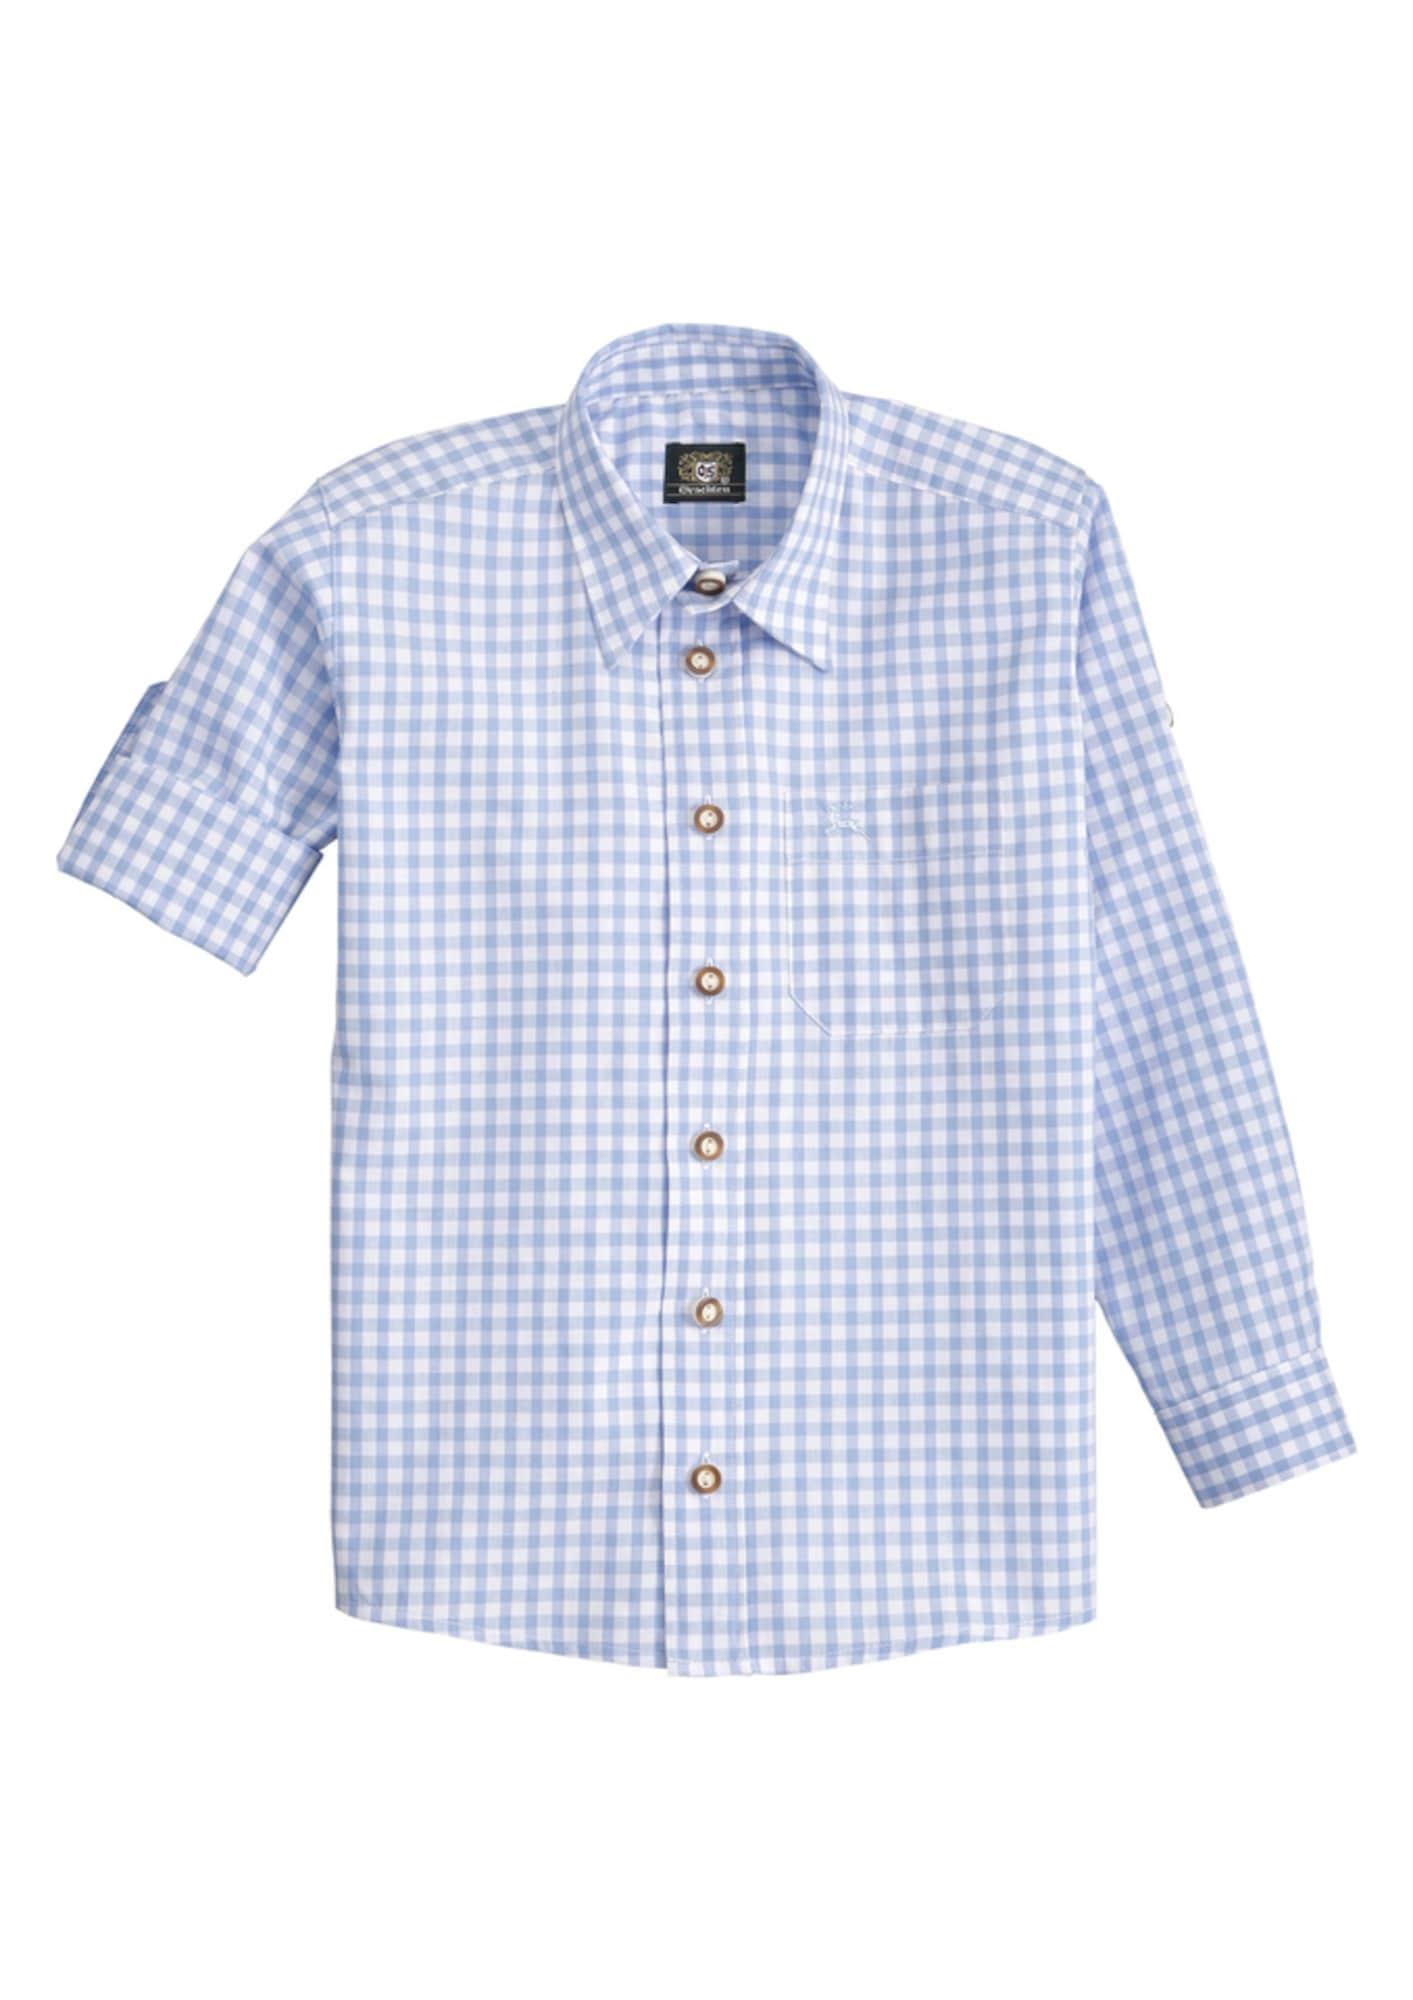 Miniboyoberteile - Trachtenhemd - Onlineshop ABOUT YOU